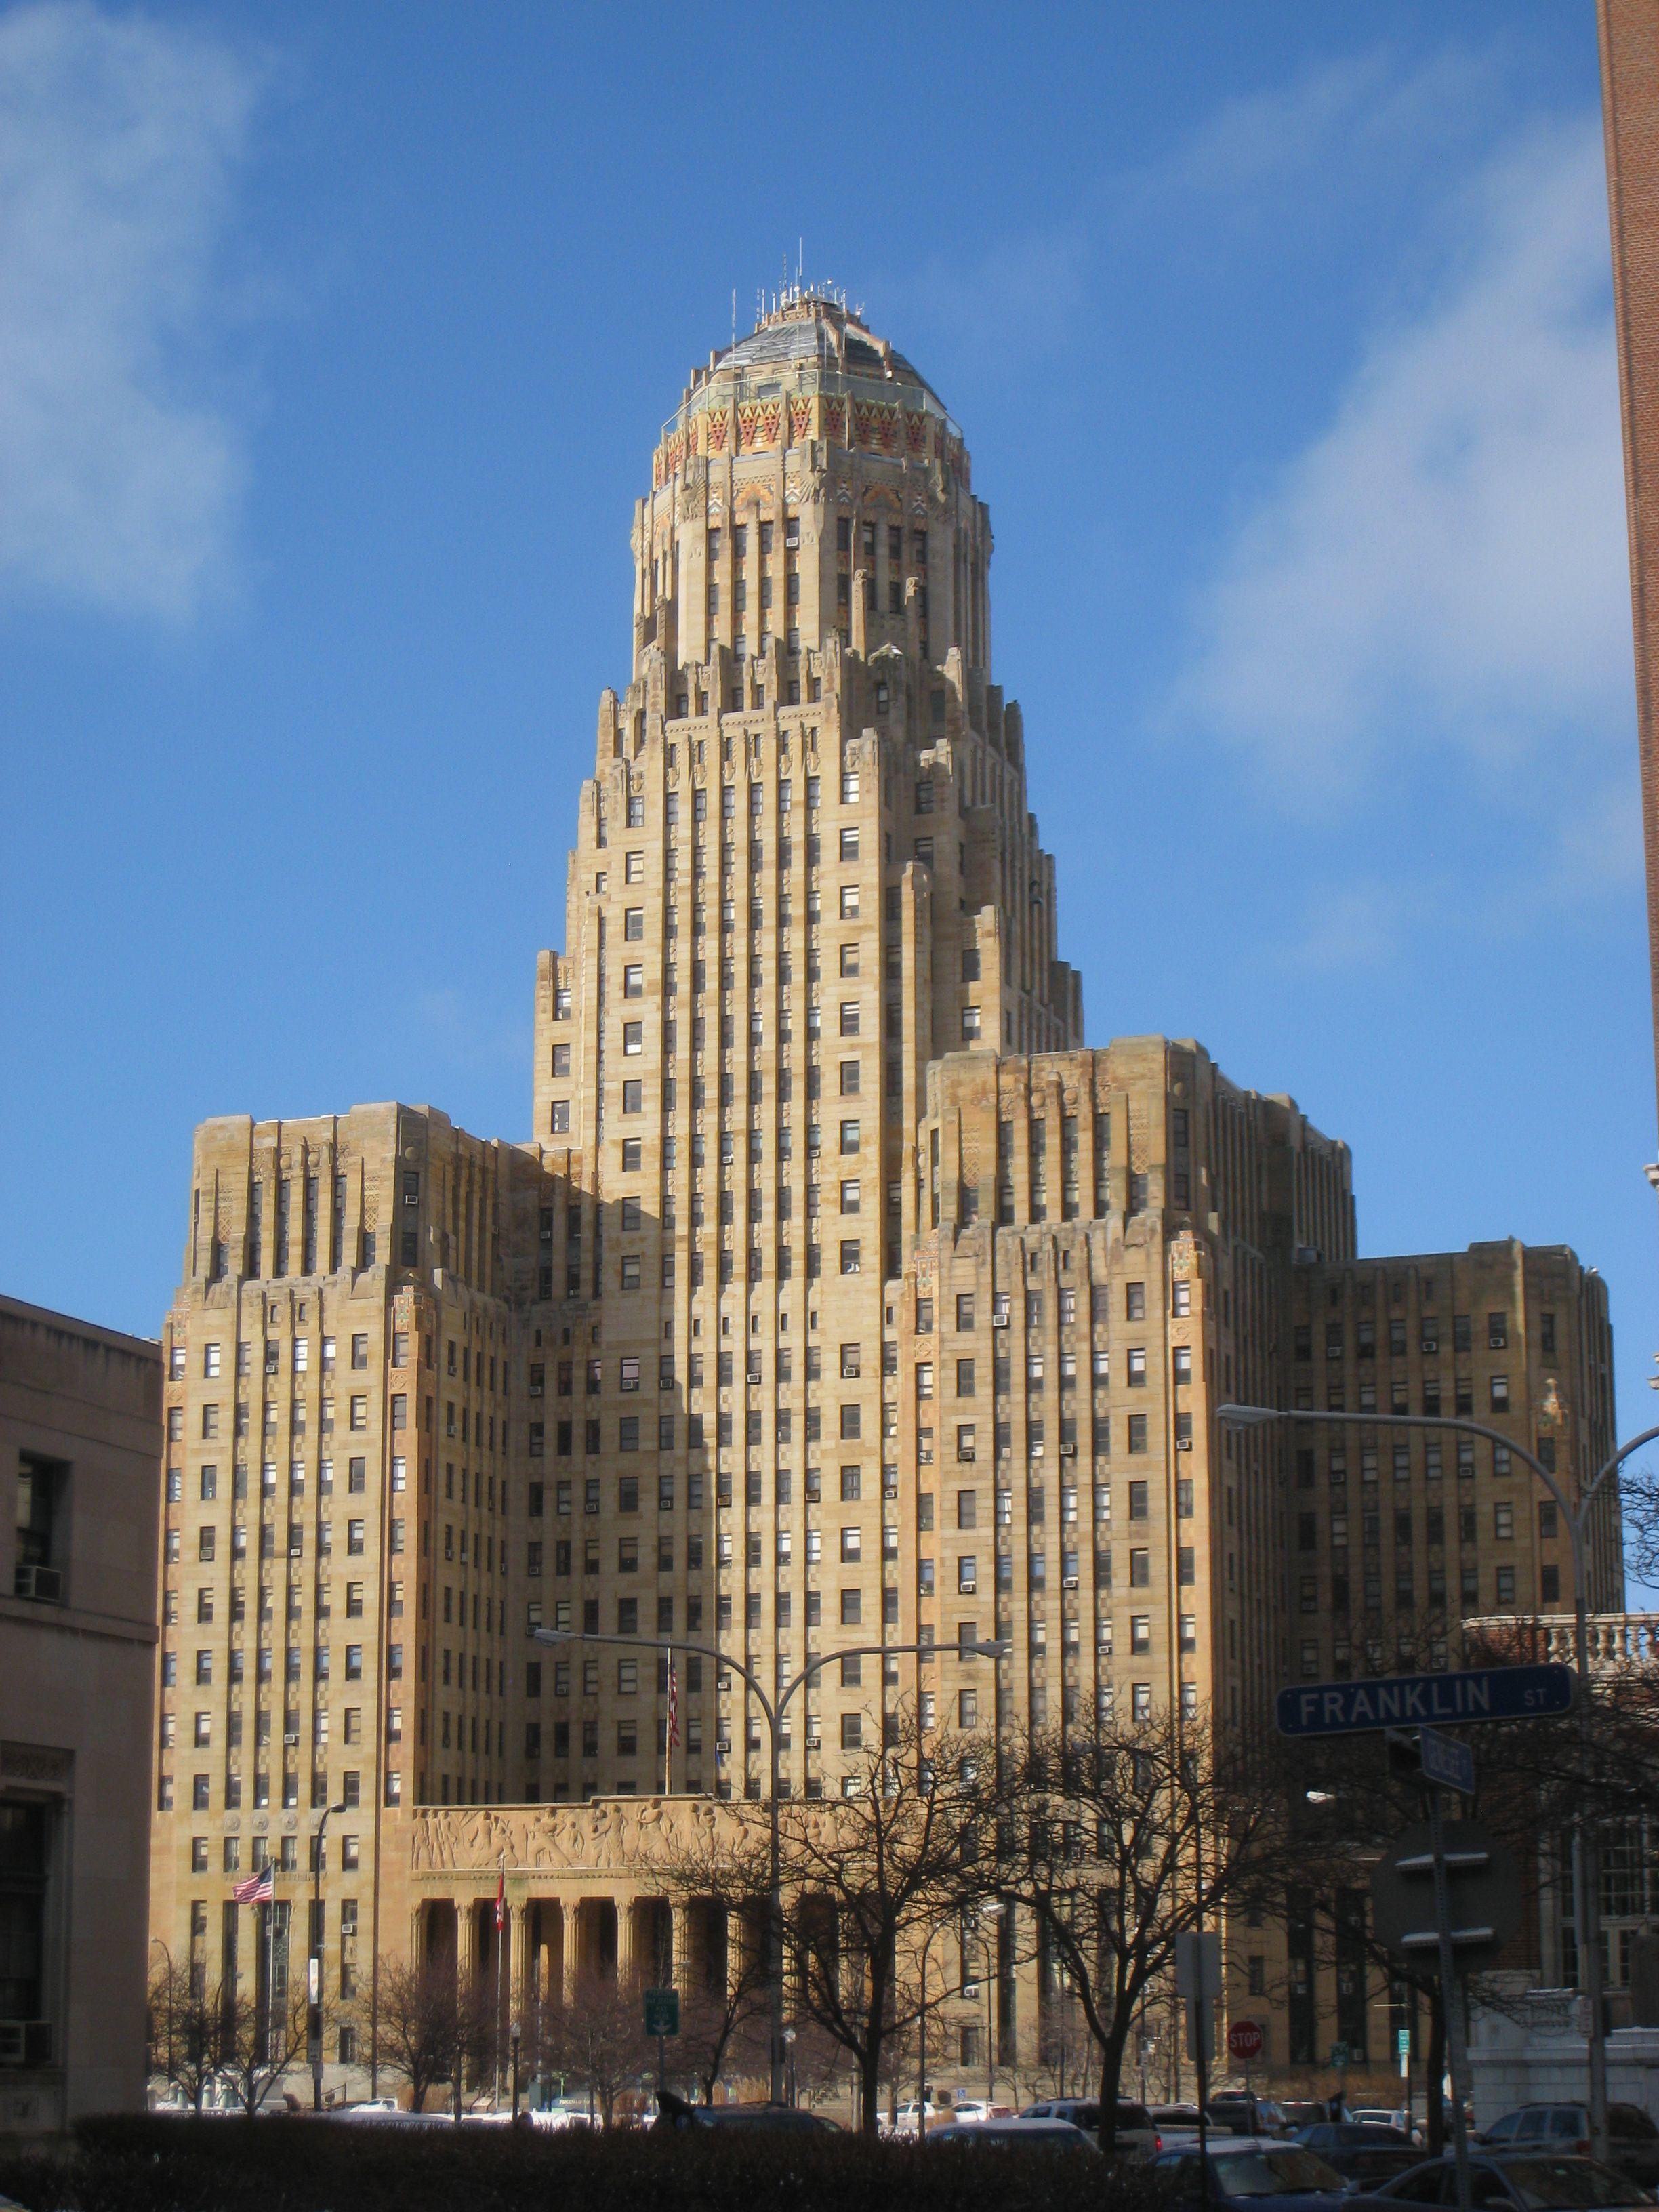 El ayuntamiento de Búfalo en Nueva York es una magnifica obra de arquitectura donde se observa la simetría característica del art déco y la majestuosidad. Arquitecto Dietel, Wade & Jones. 1932